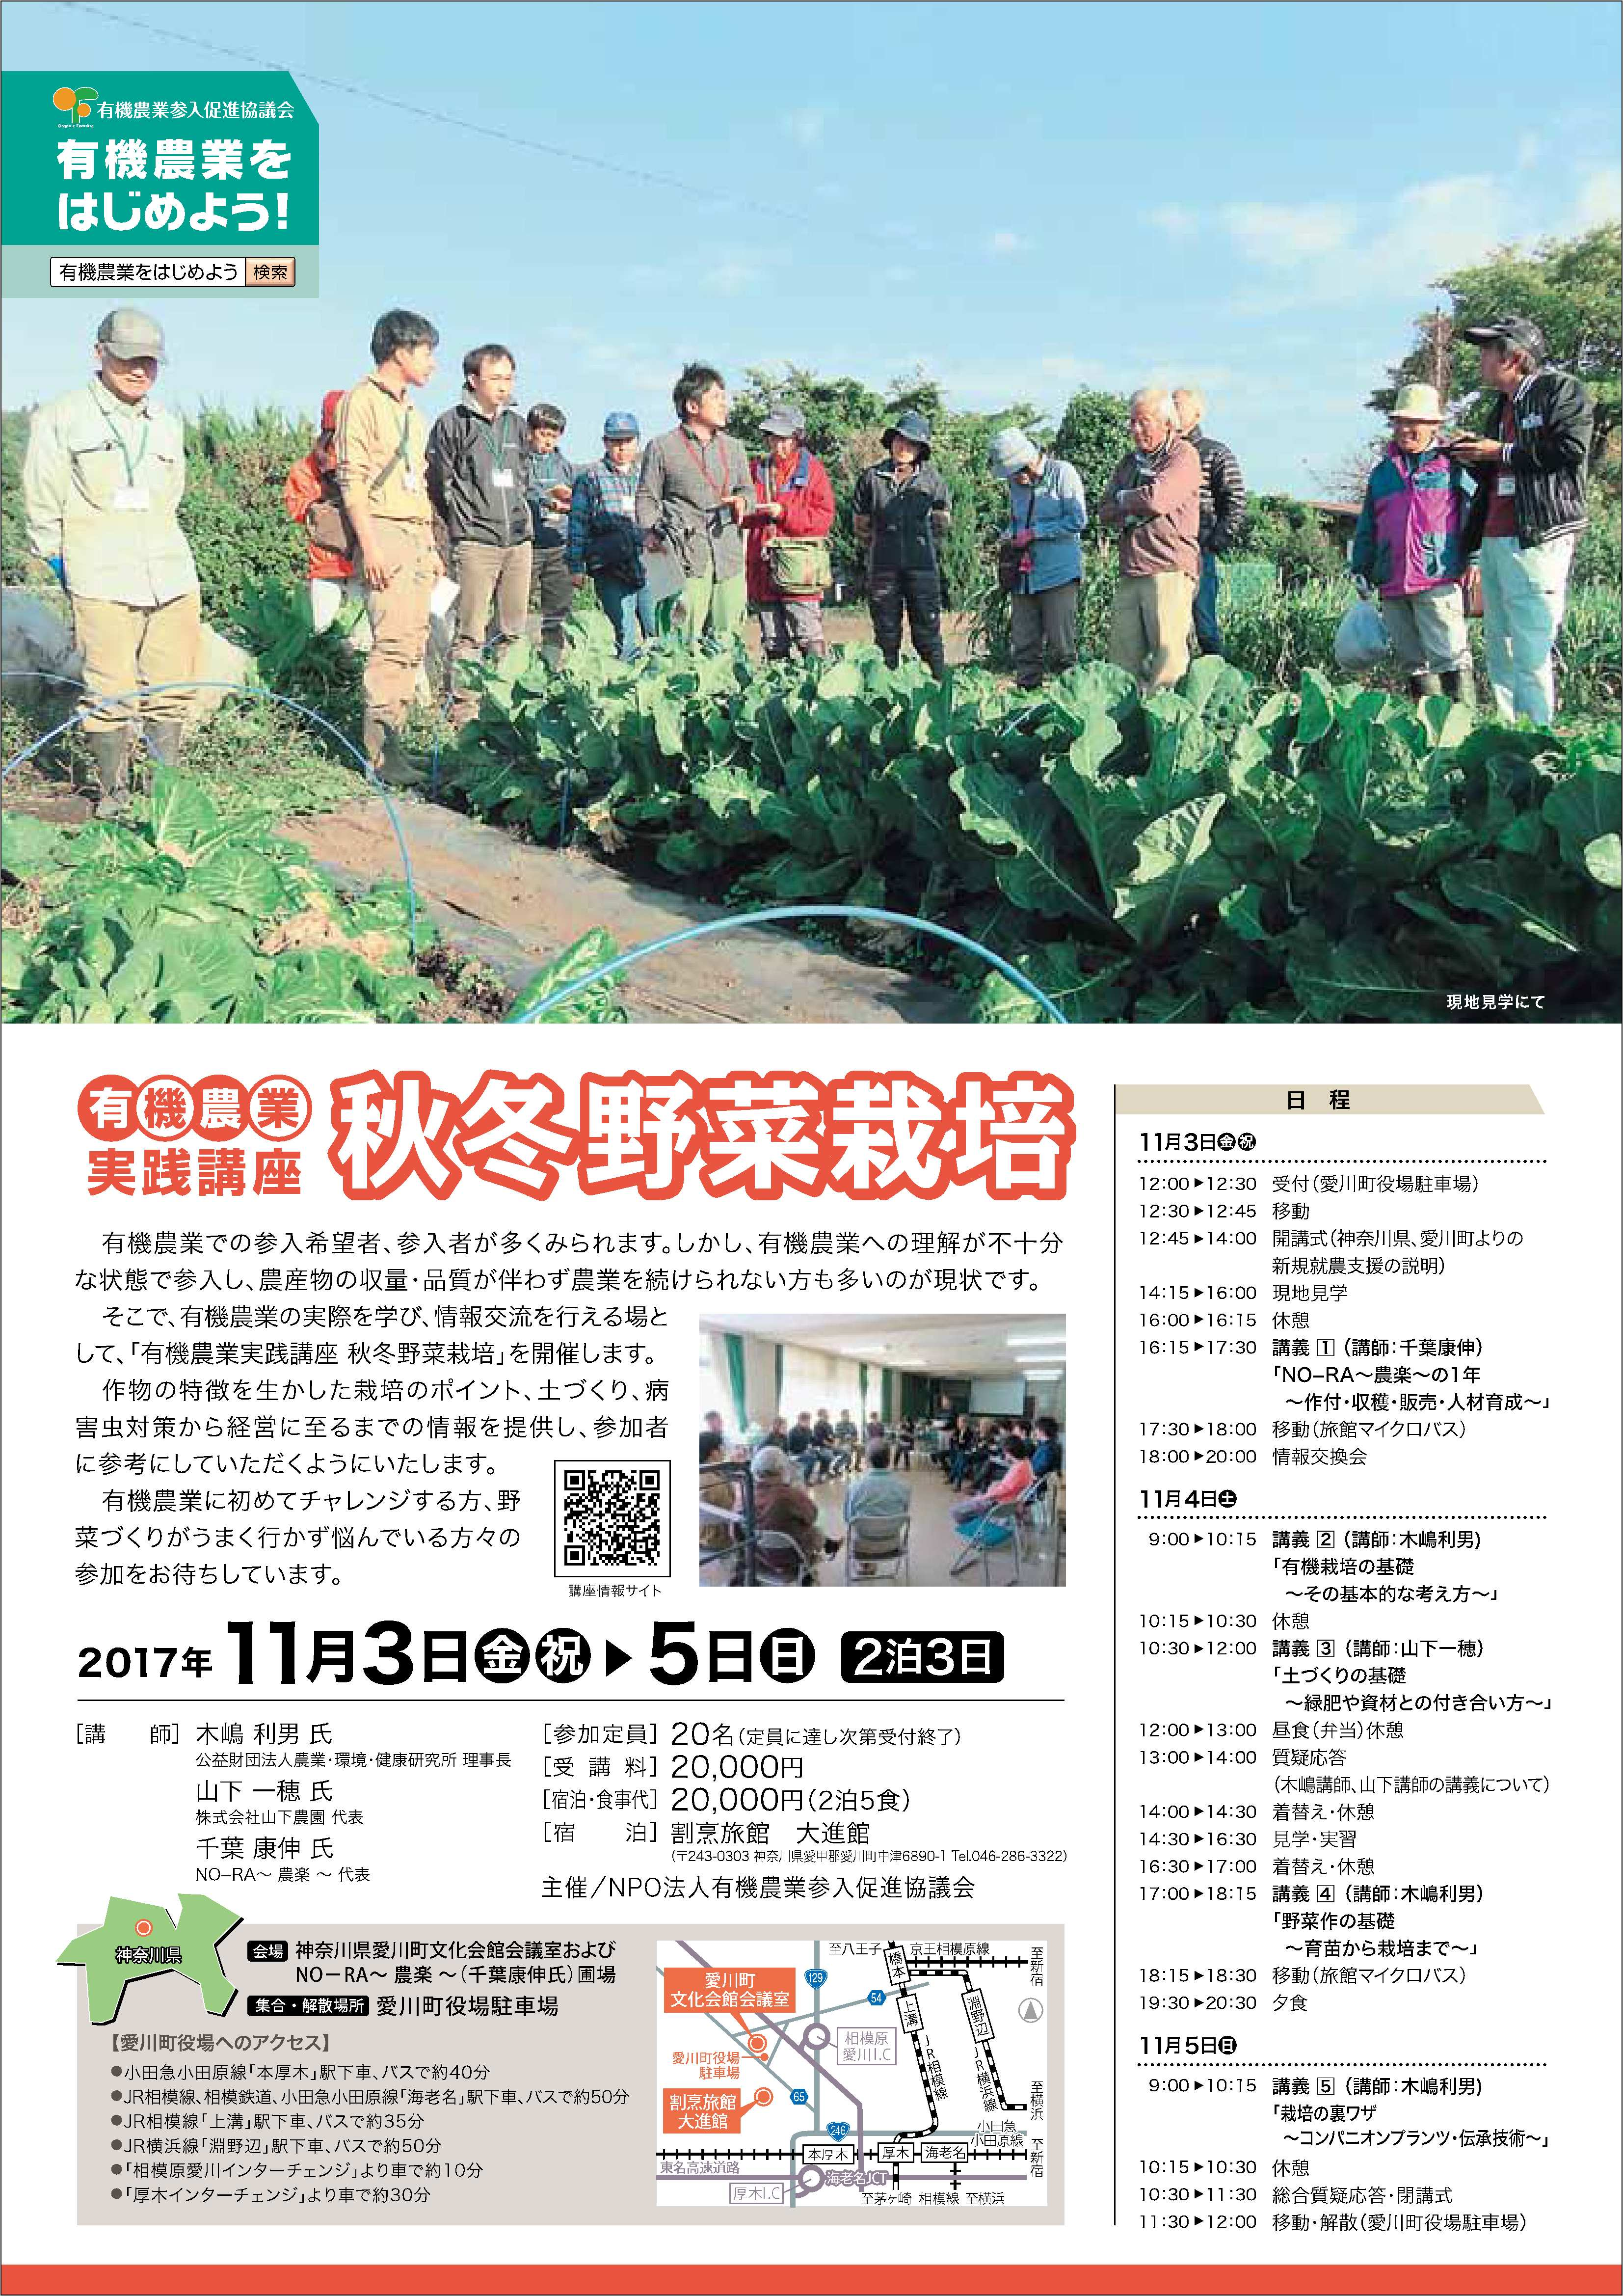 有機農業実践講座 秋冬野菜の有機栽培